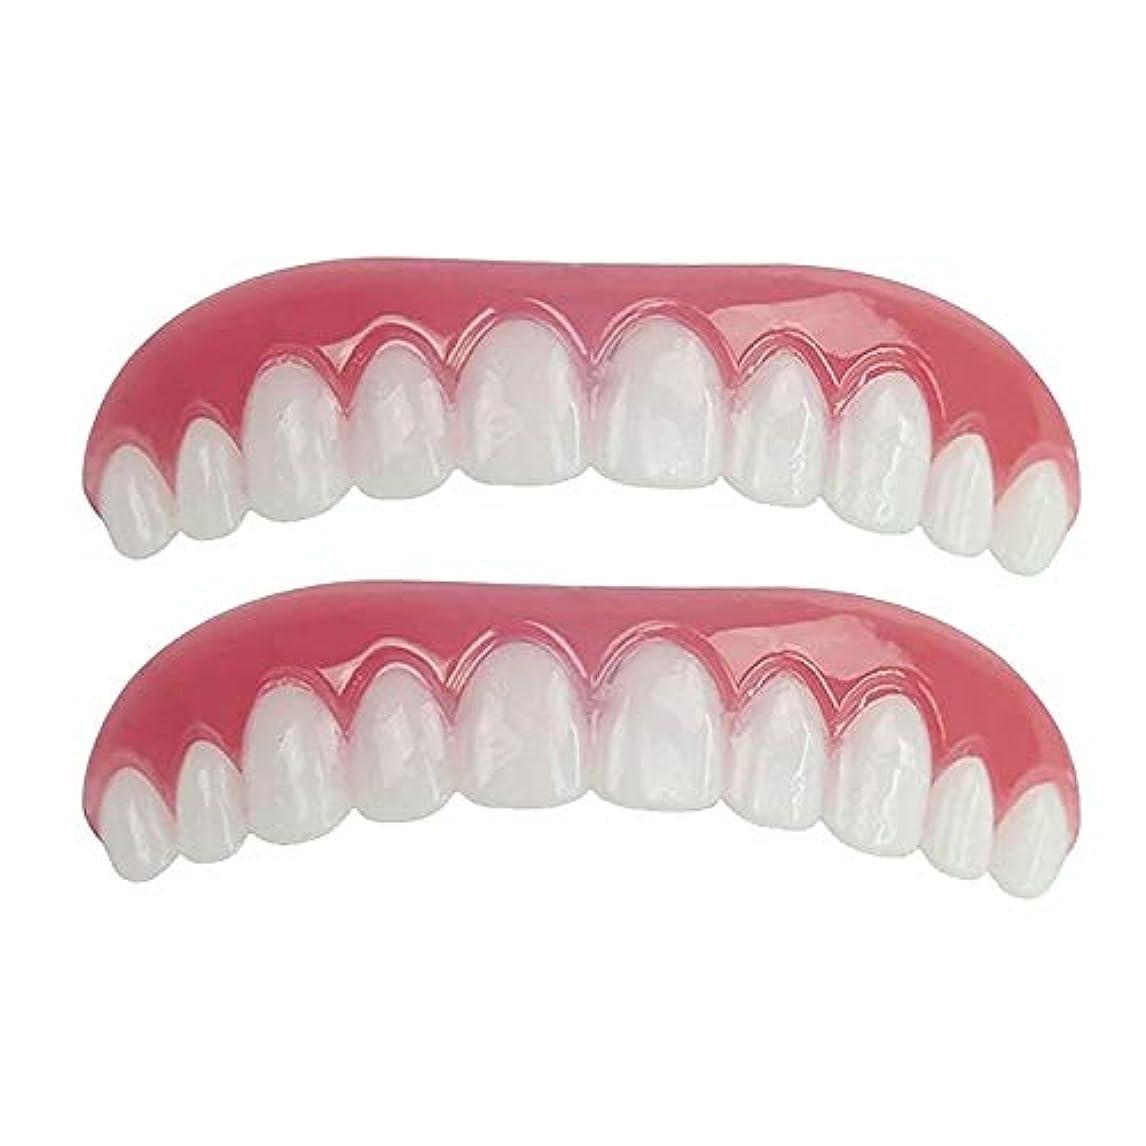 ソーダ水ぴかぴかサイクルシリコーンシミュレーション上下歯ブレース、ホワイトニング義歯(1セット),A